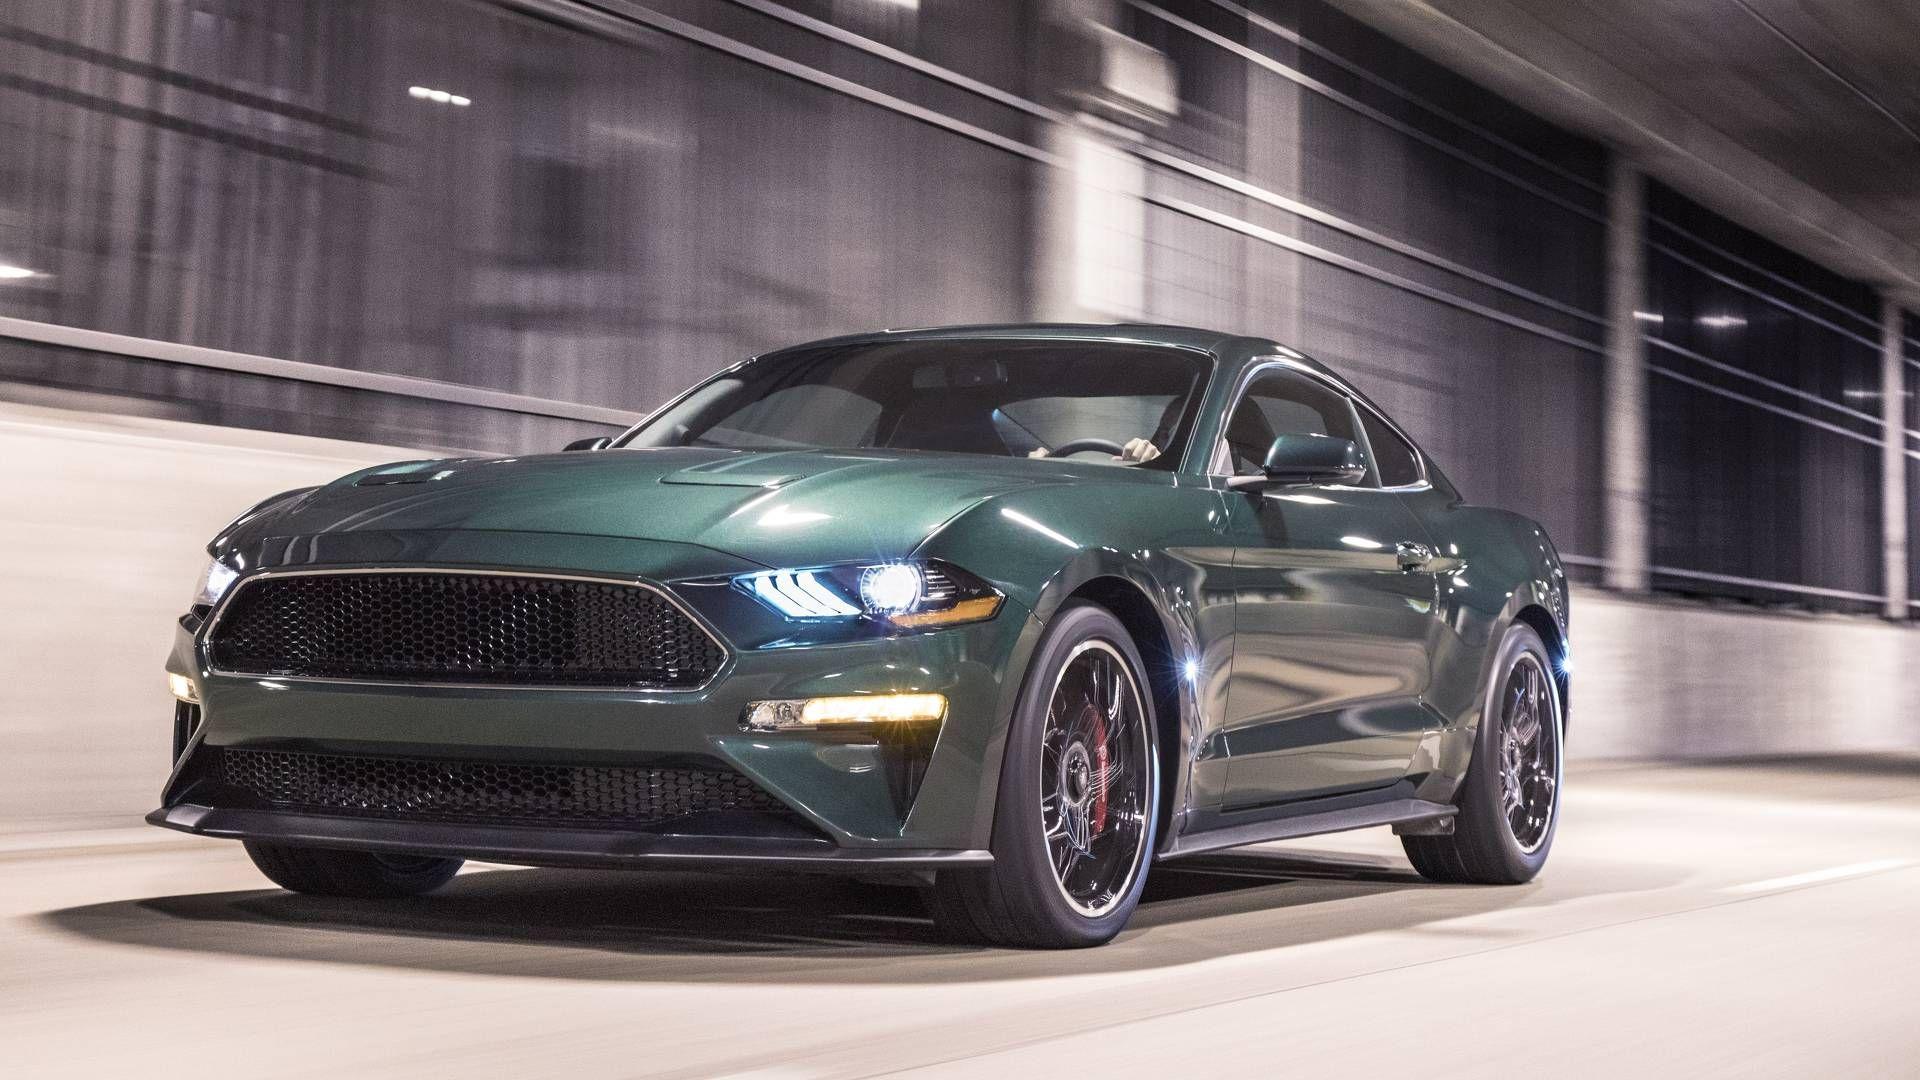 2019 Ford Mustang Bullitt 5 0 Gt Bullittmustang Mustang Bullitt